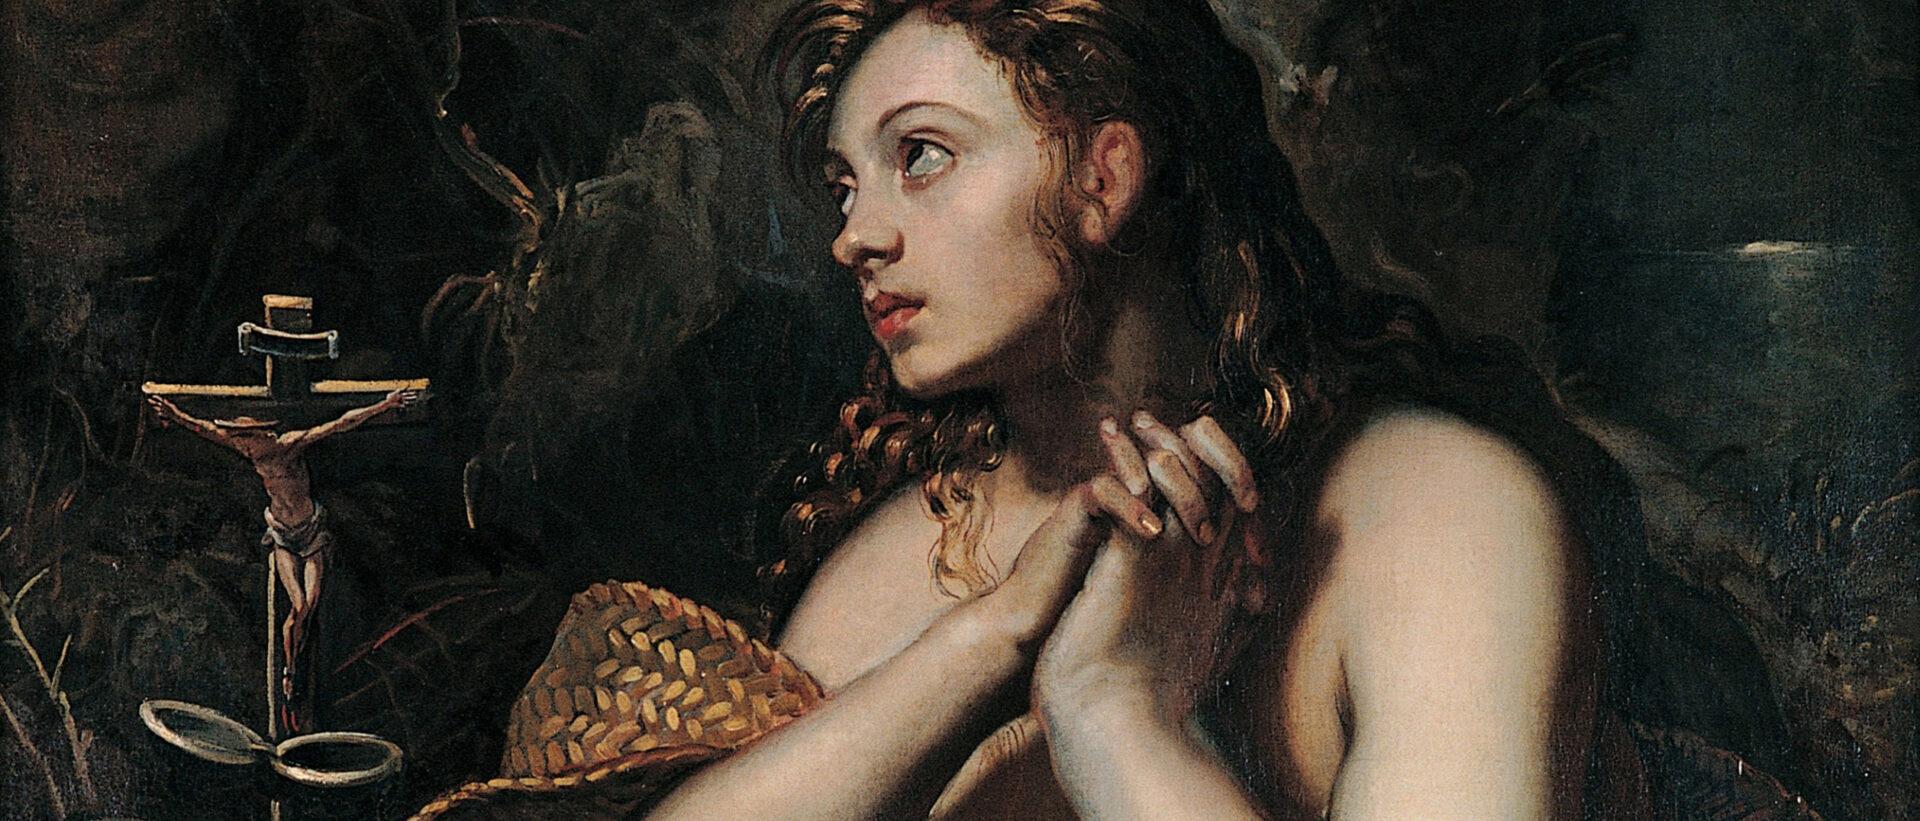 Мария магдалина проститутка проститутки смоленский